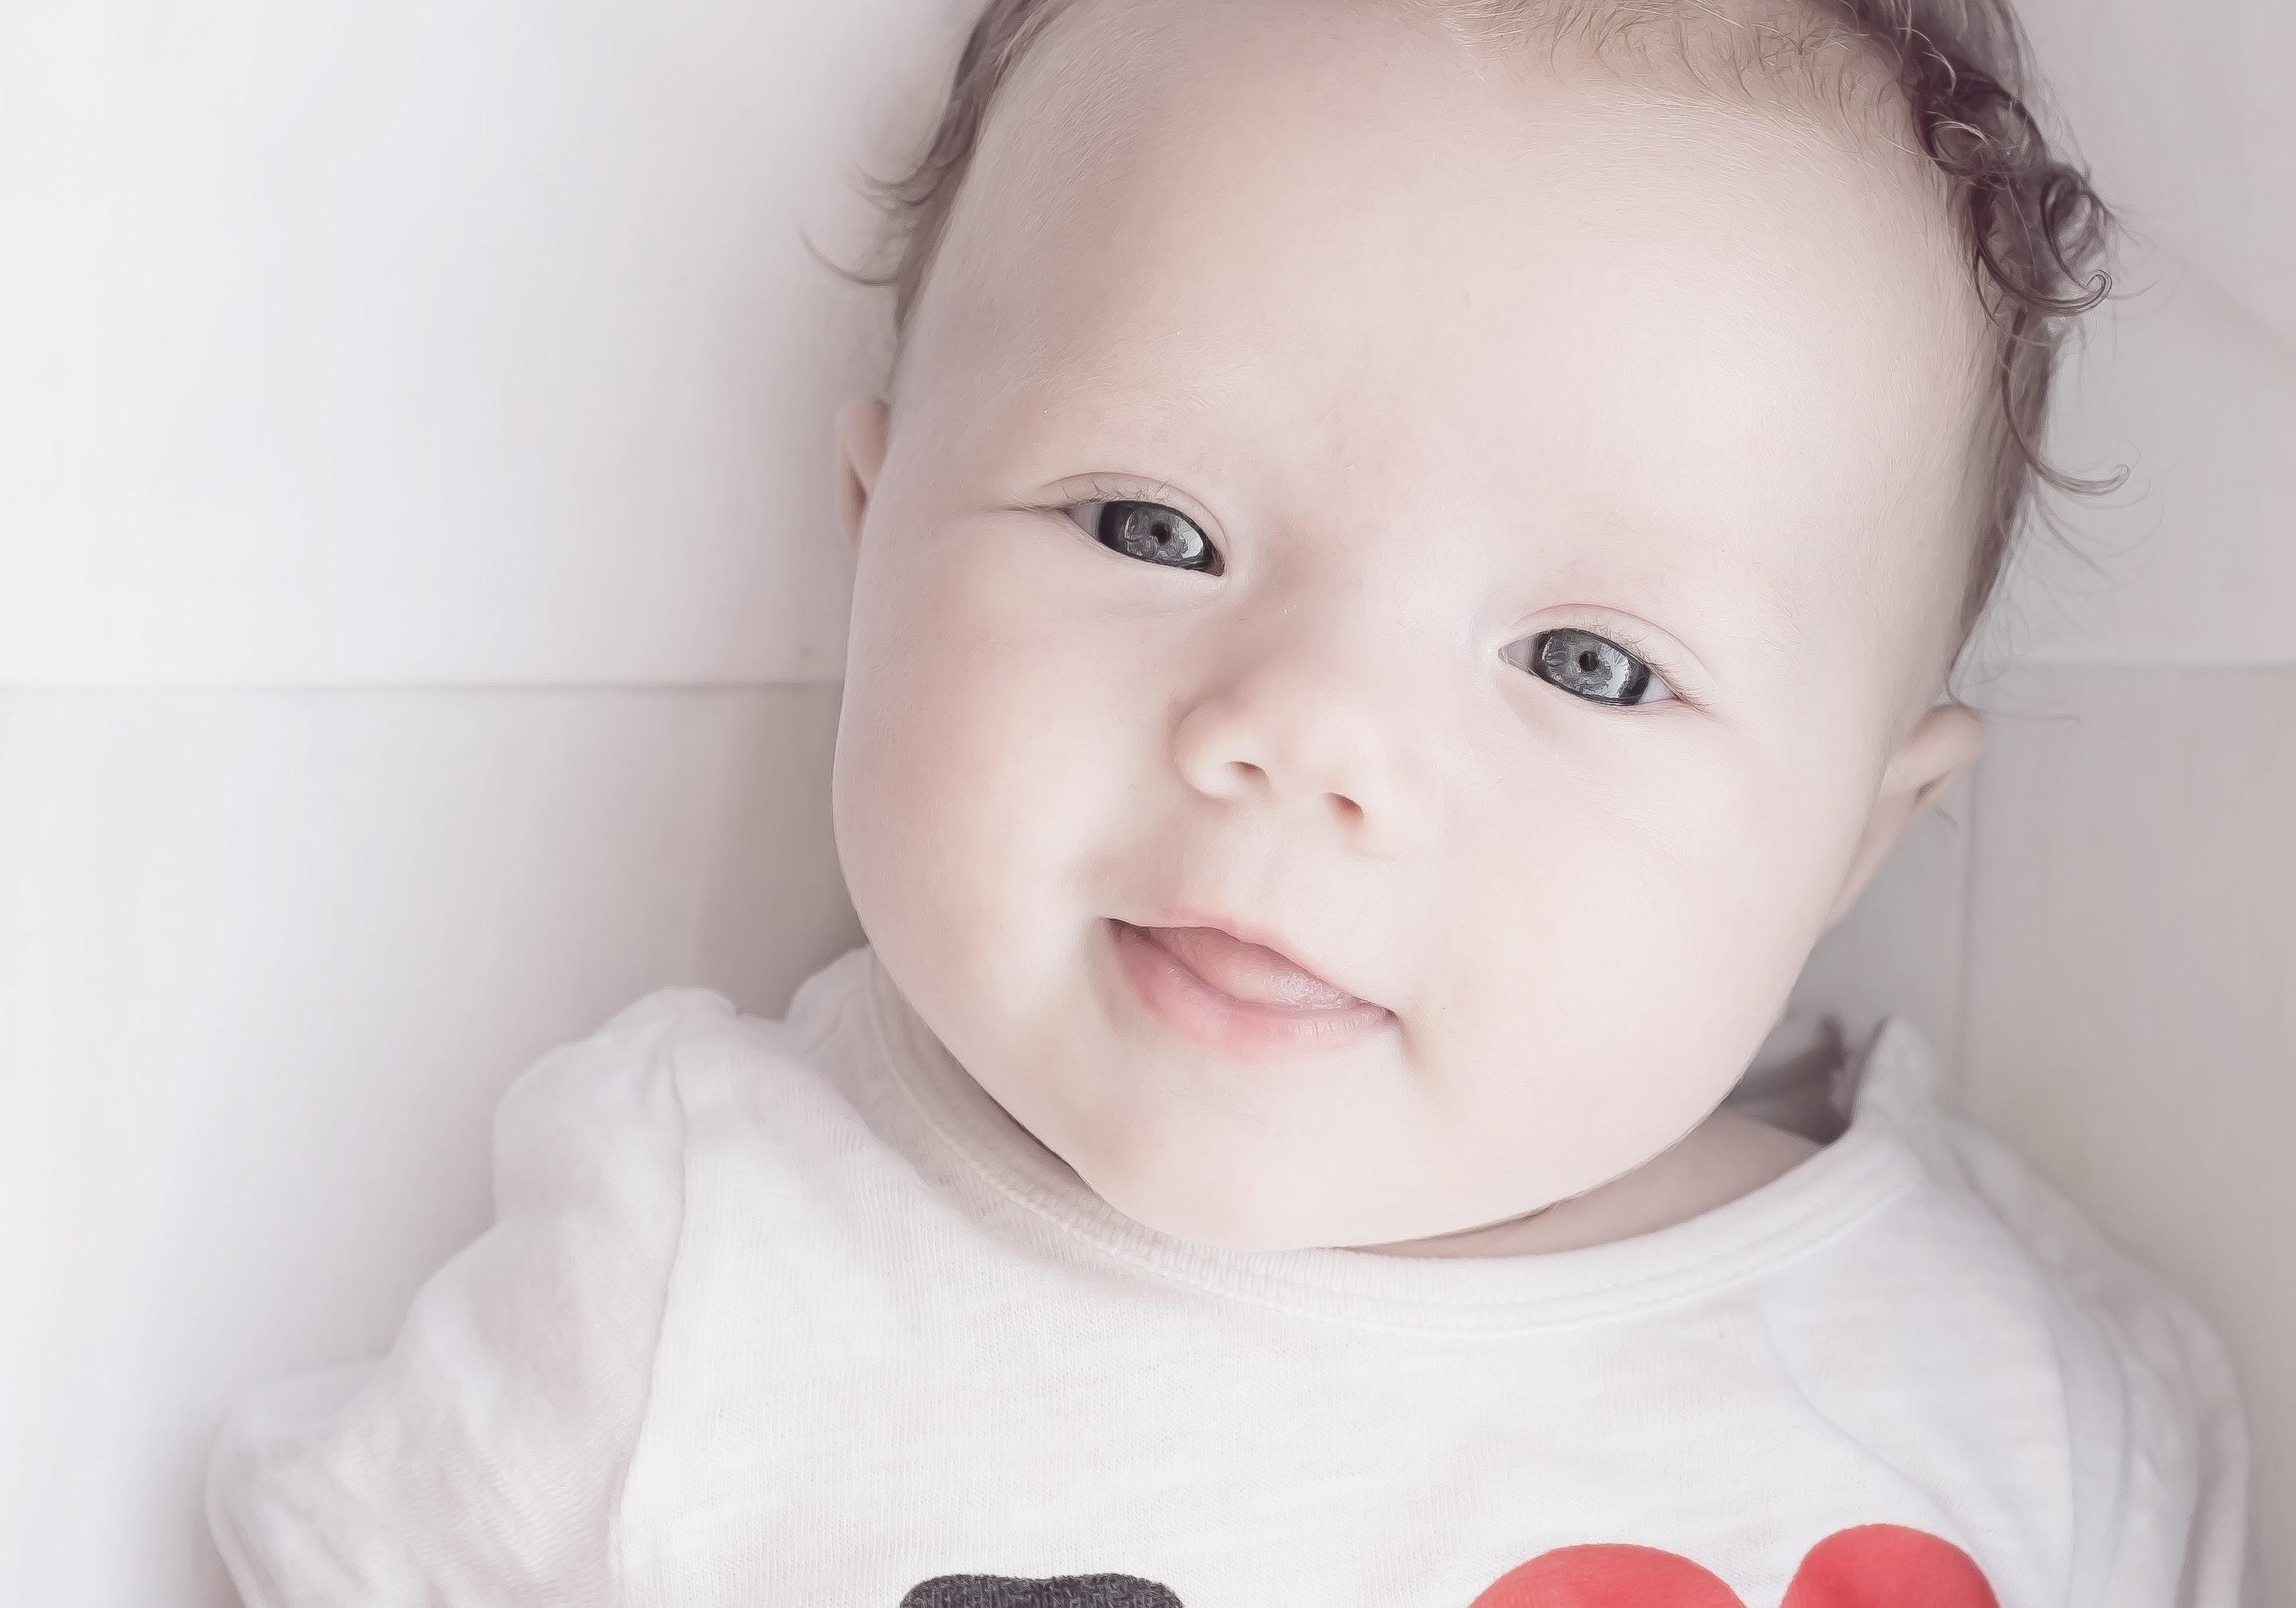 Estrabismo infantil: cómo evitar el ojo vago